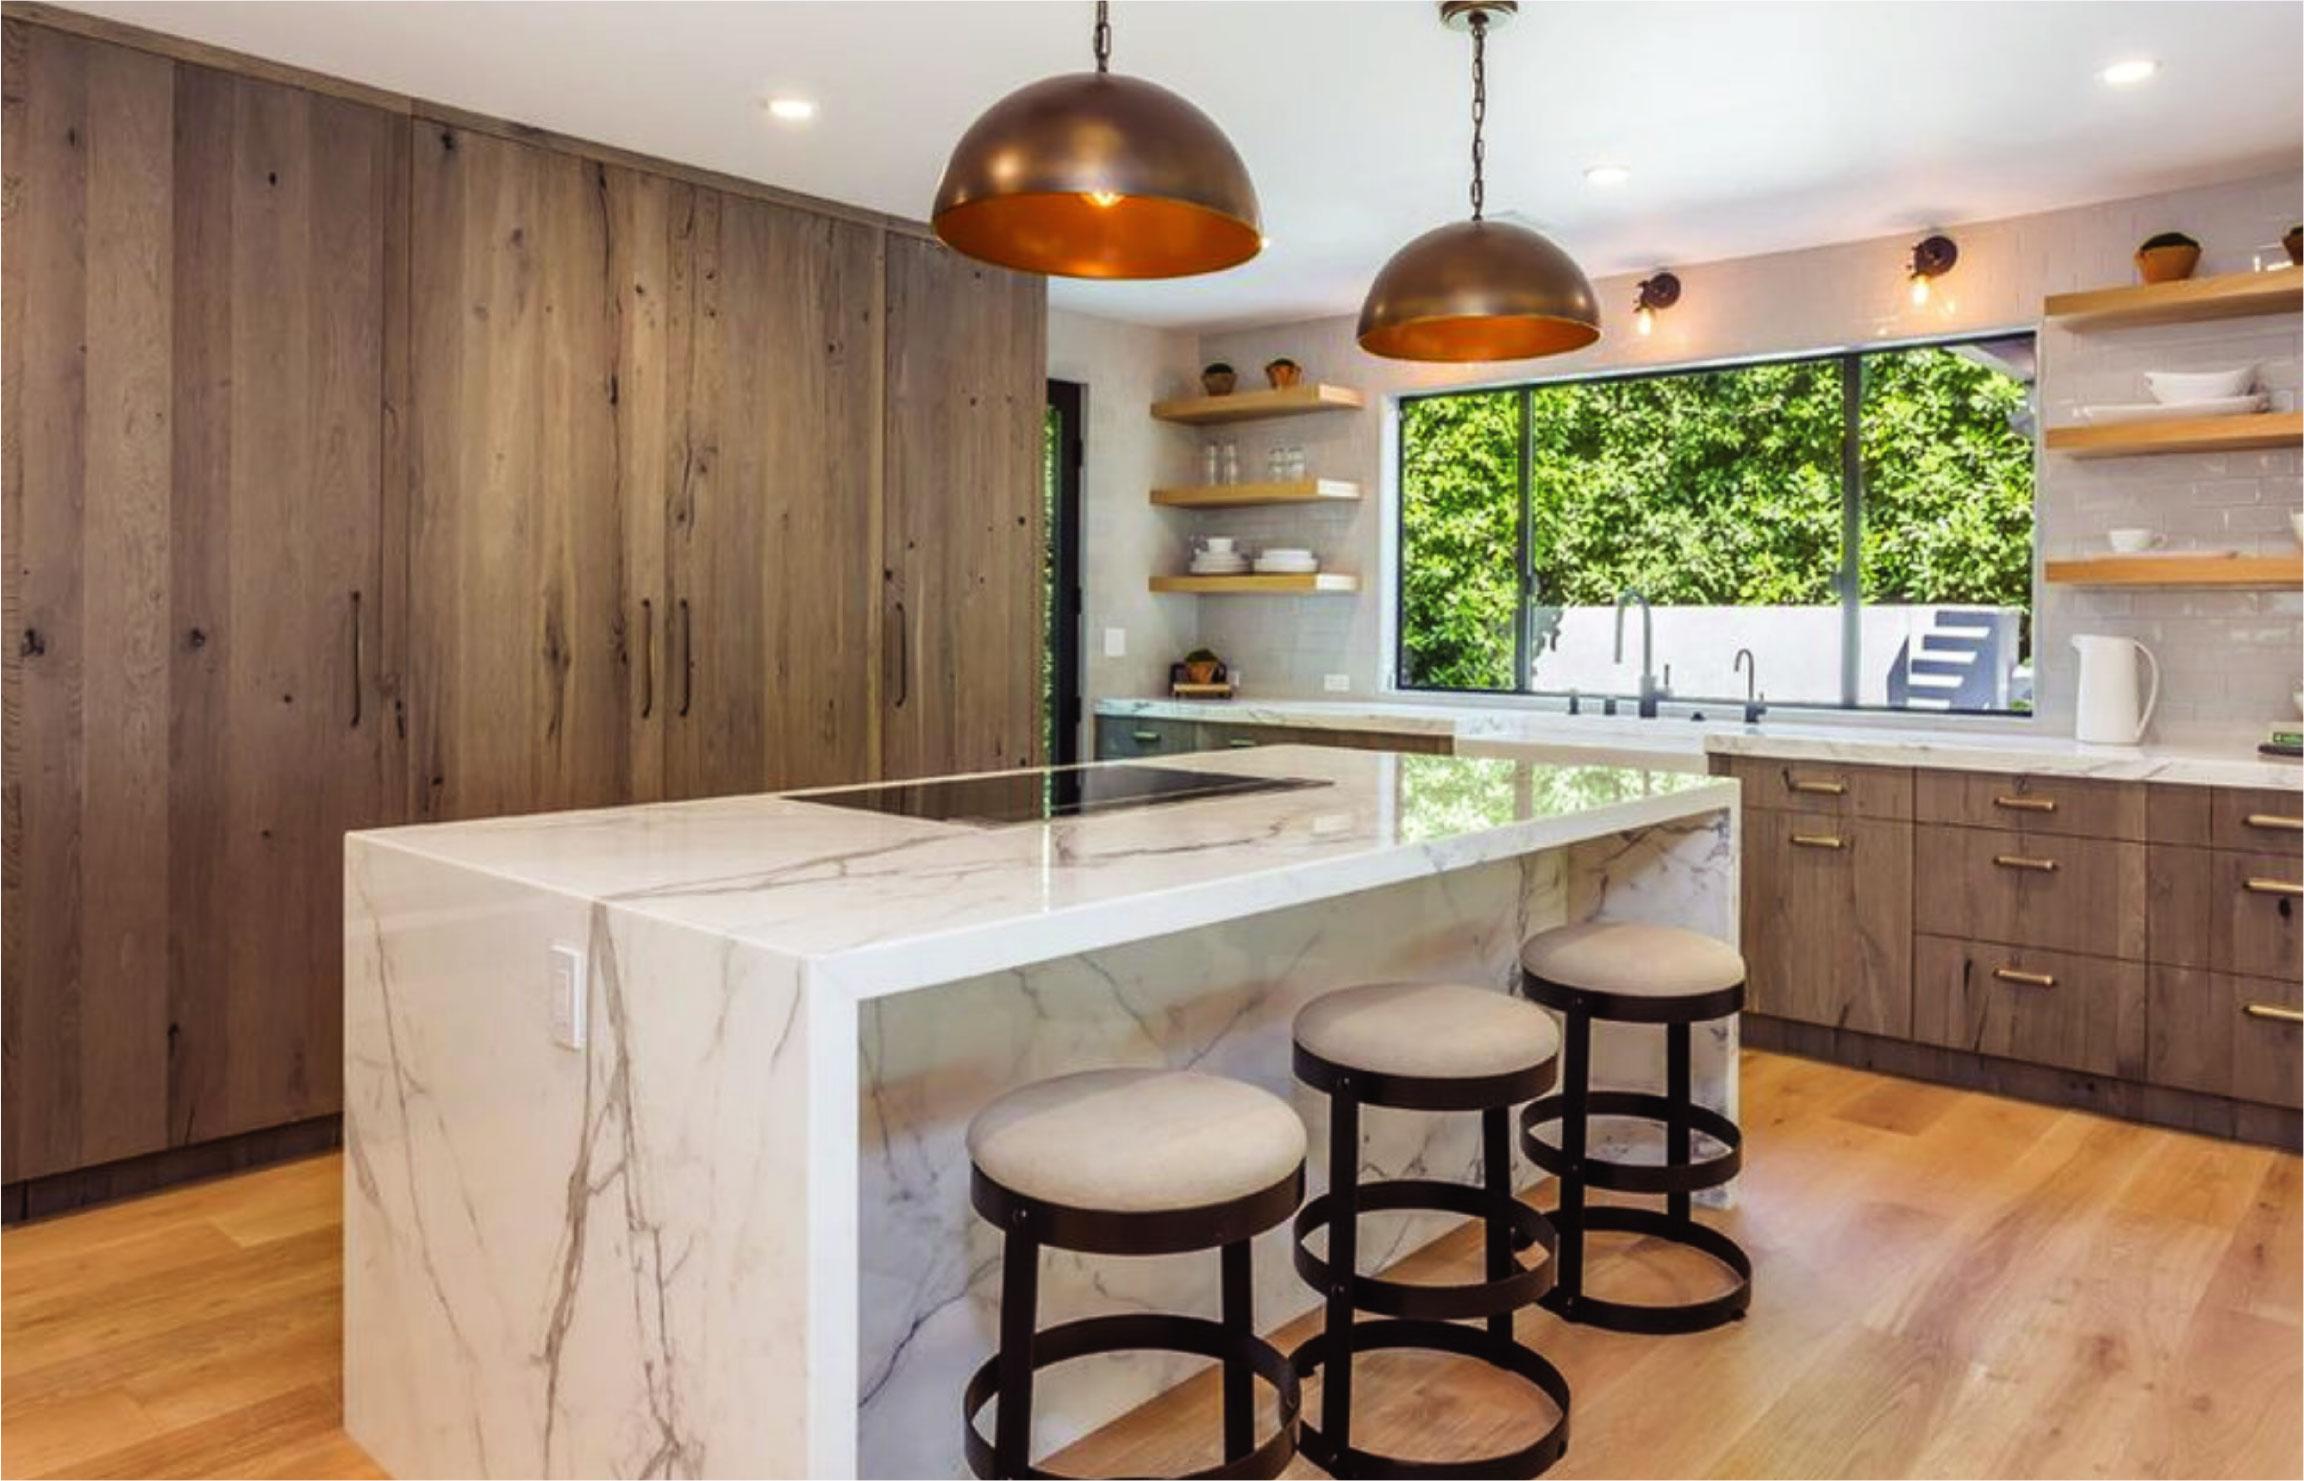 Fitucci Modern Kitchen Van Nuys